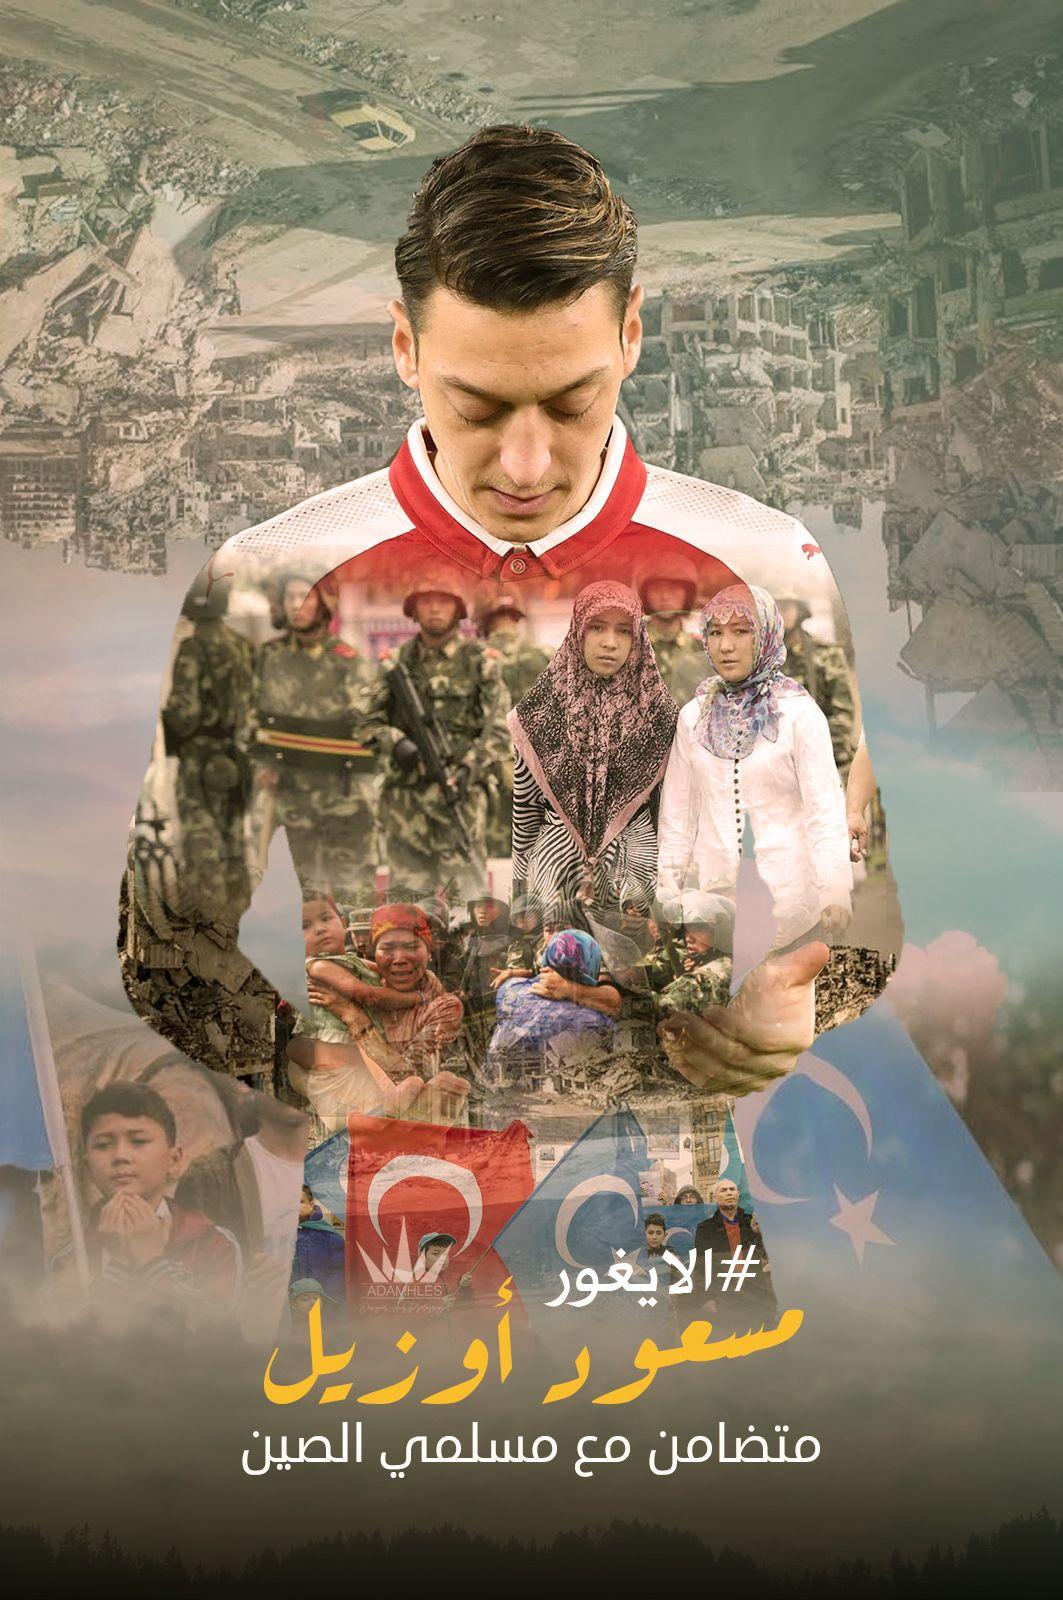 متضامن مع مسلمين الصين الايغور مسعود أوزيل Mesut Ozil Instagram Ozil Mesut Arsenal Jersey